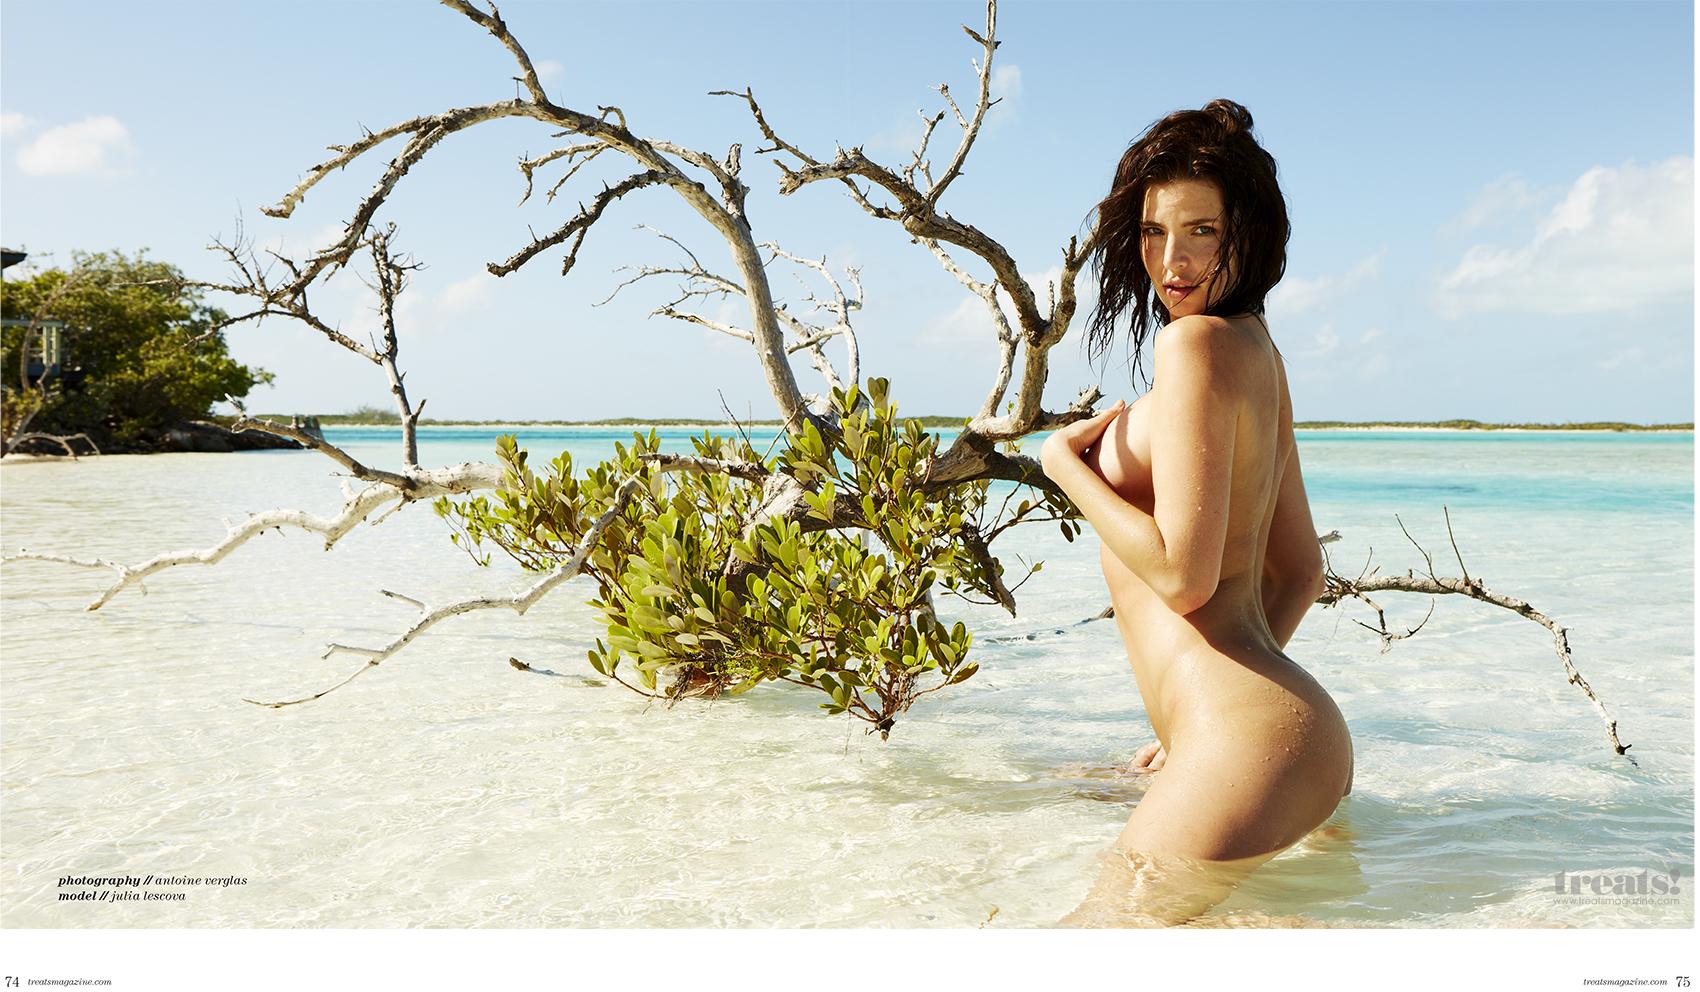 Julia Lescova Full Nude Photoset 2